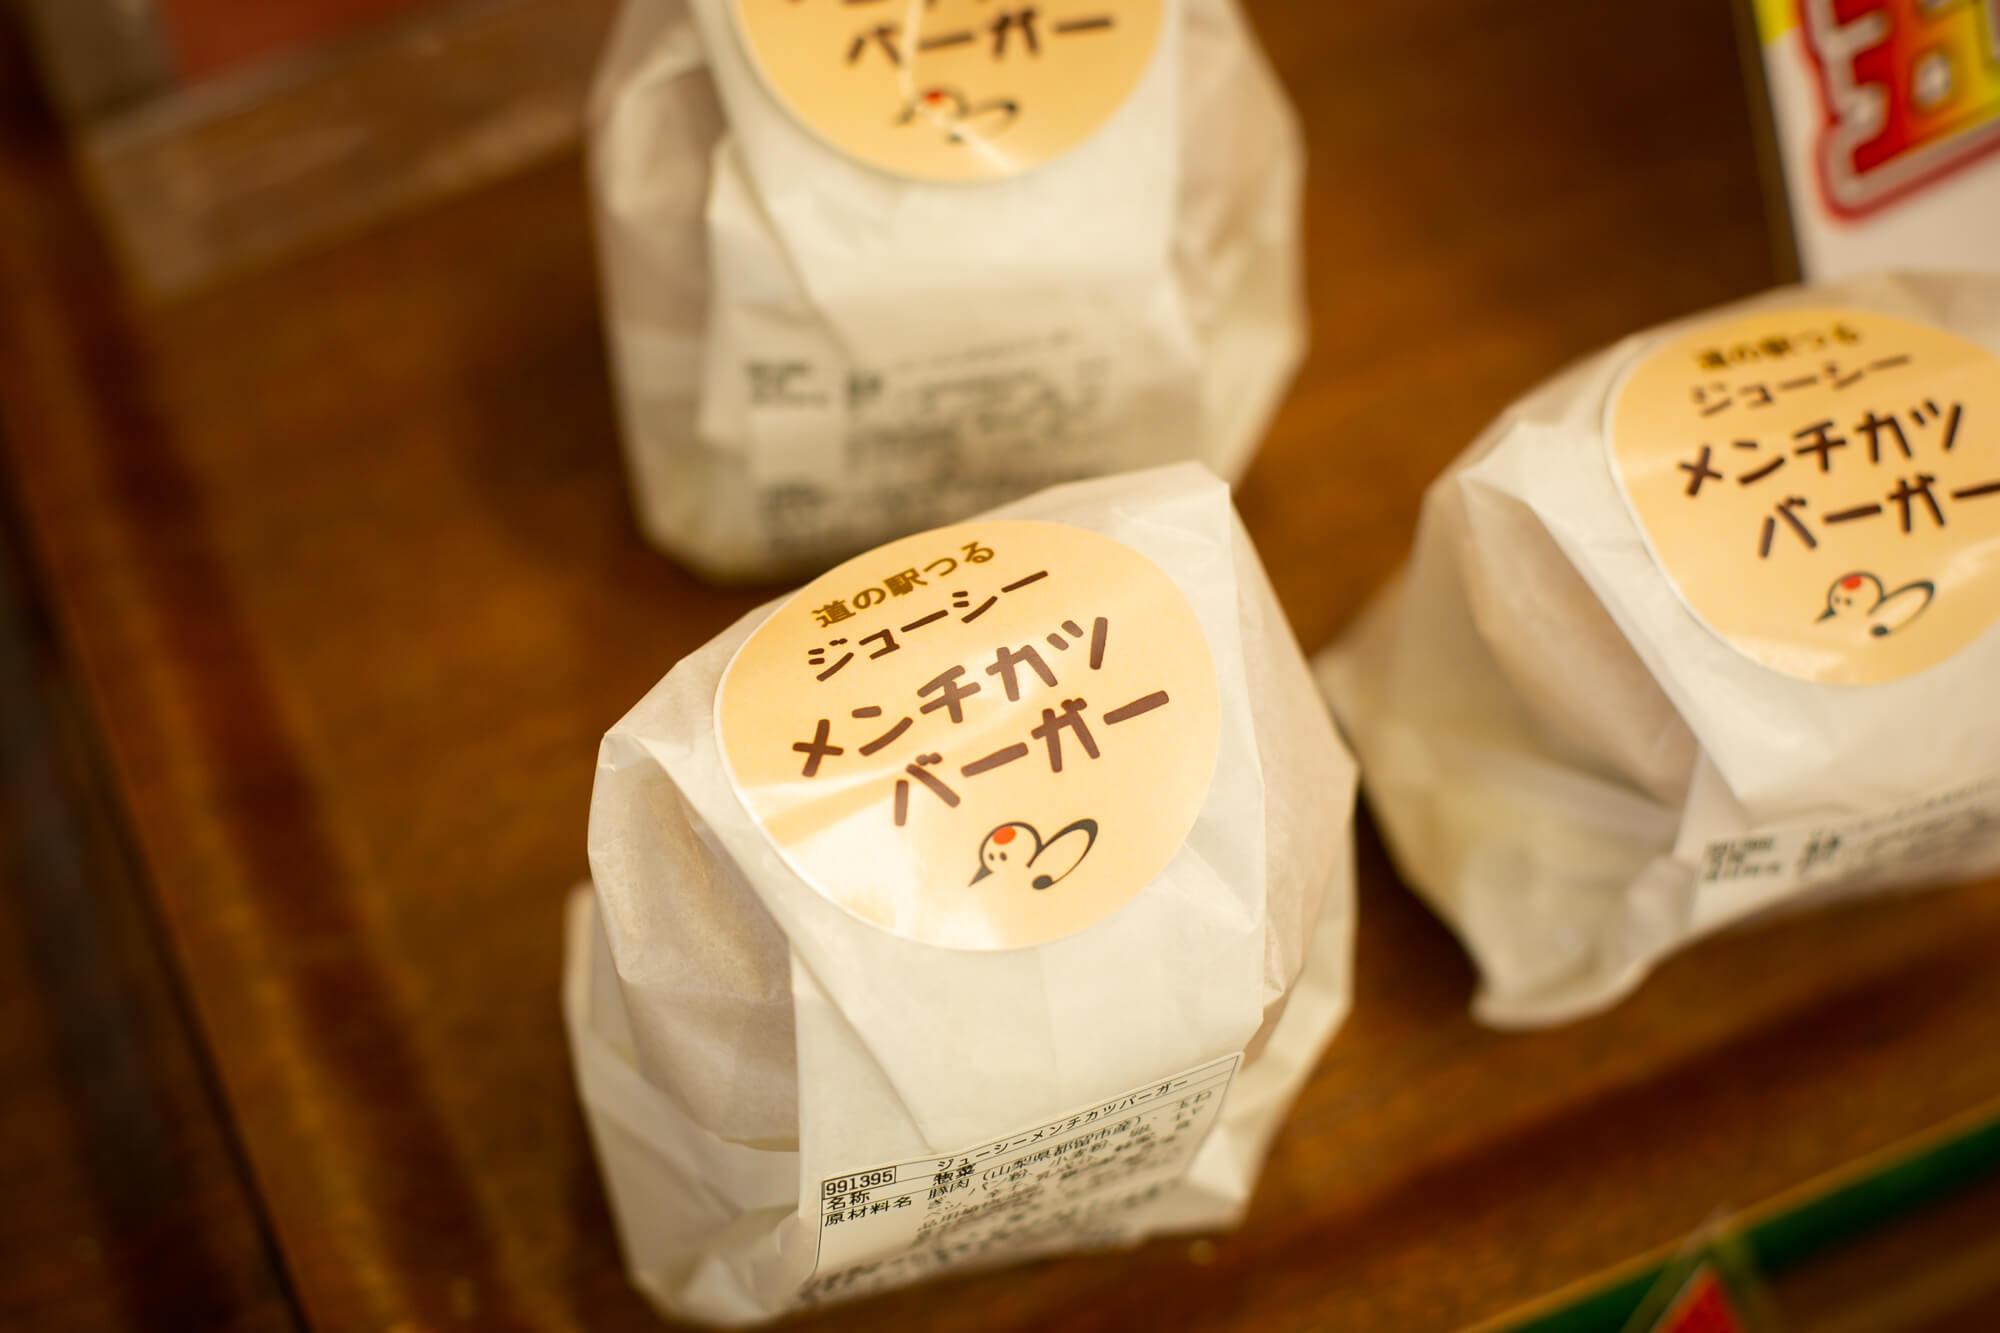 店内キッチンでつくるお惣菜も多数販売しています。